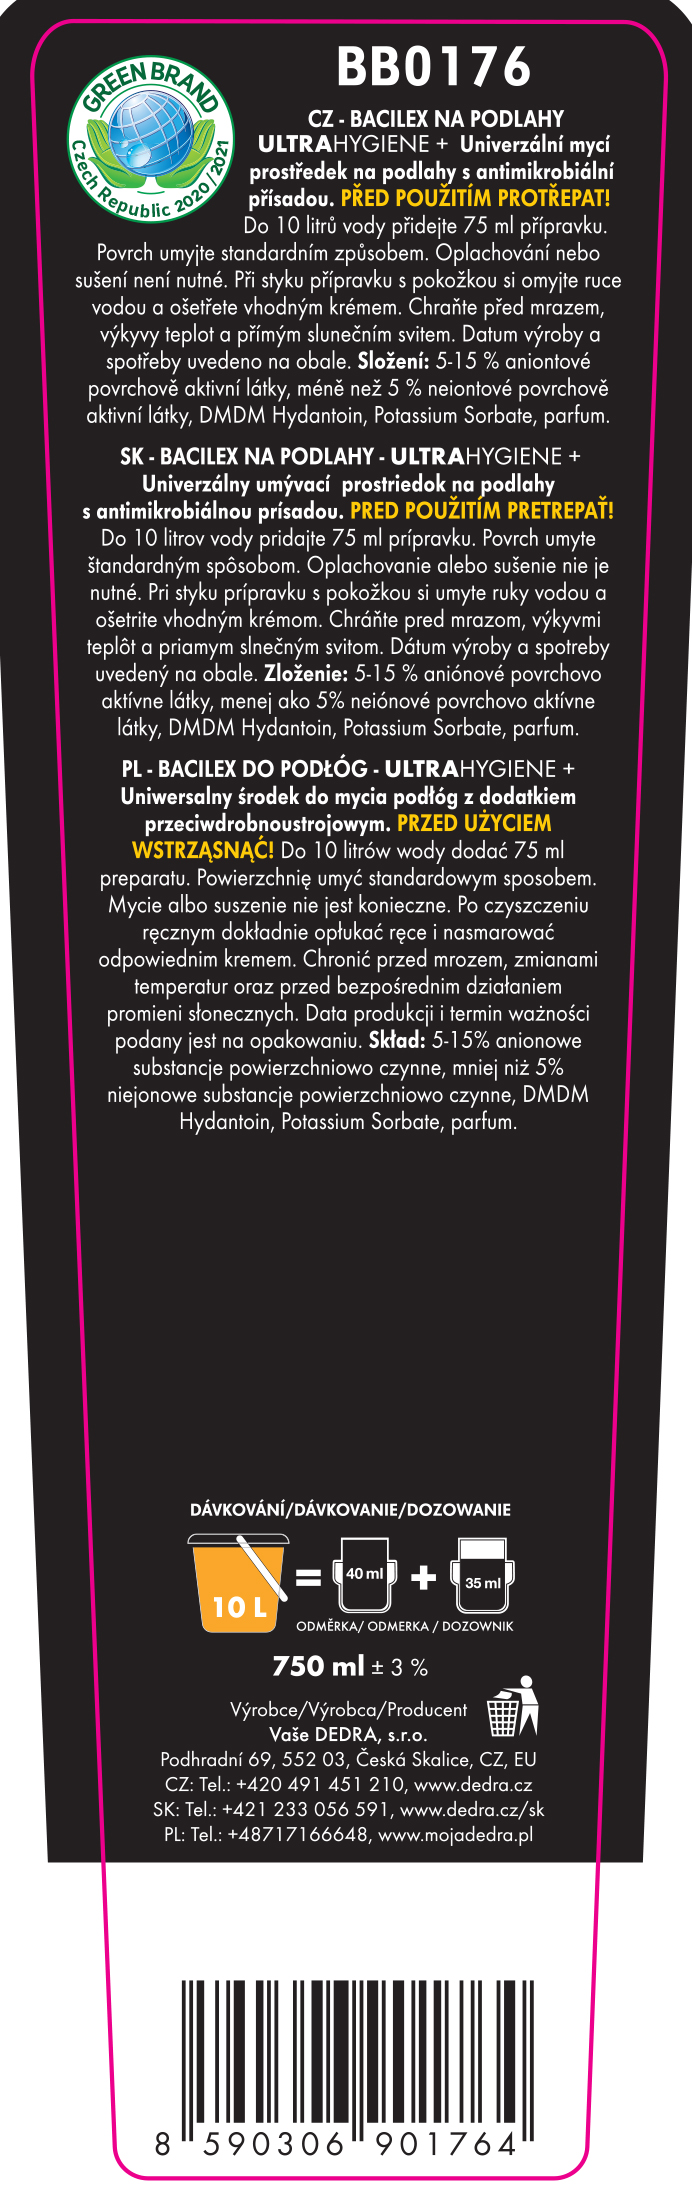 Umývací prostriedok NA PODLAHY s antimikrobiálnou prísadou BACILEX ULTRAHYGIENE +, 750 ml